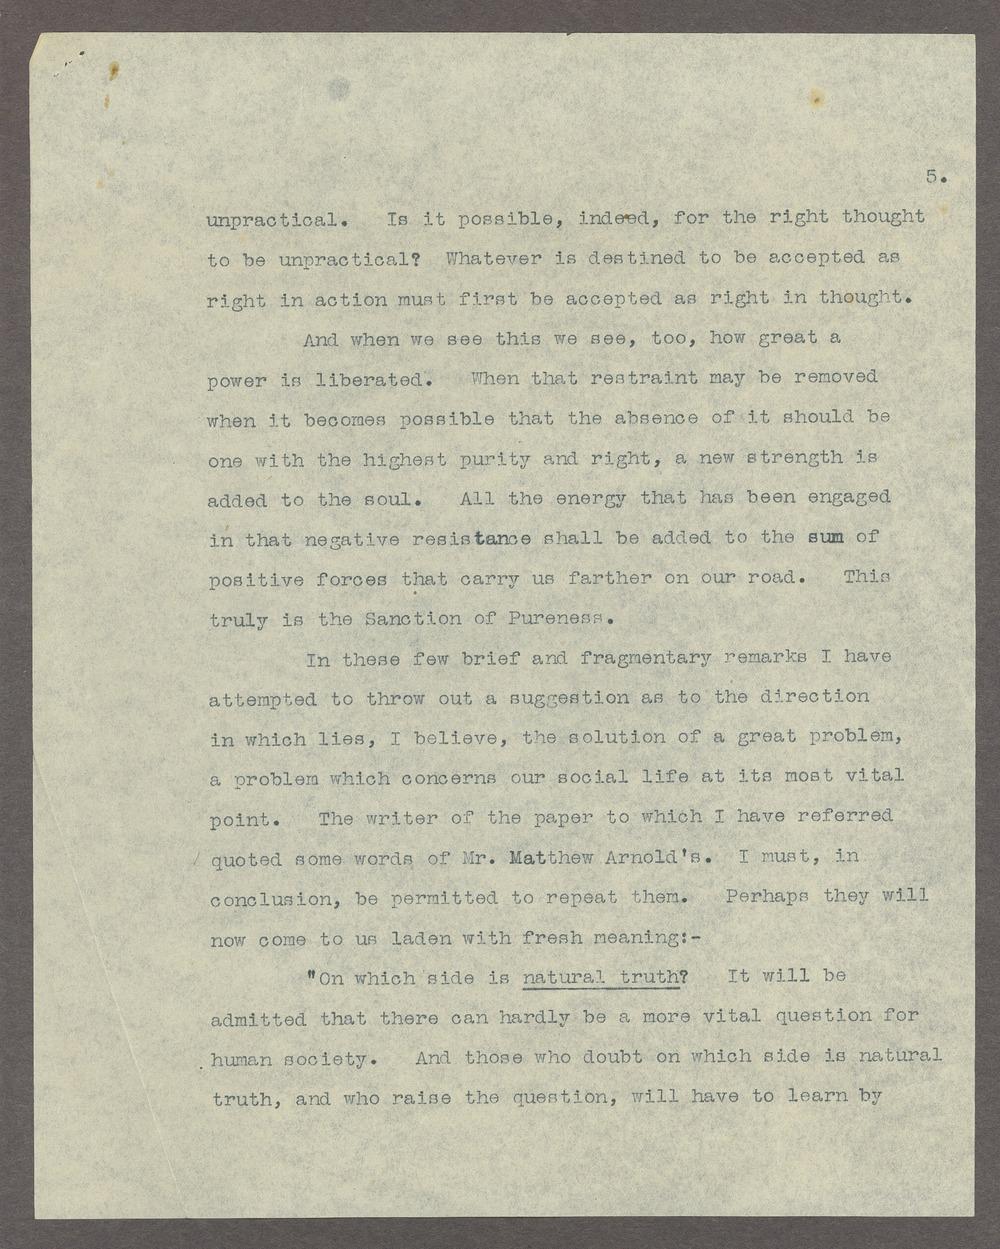 Henry Havelock Ellis papers - 5